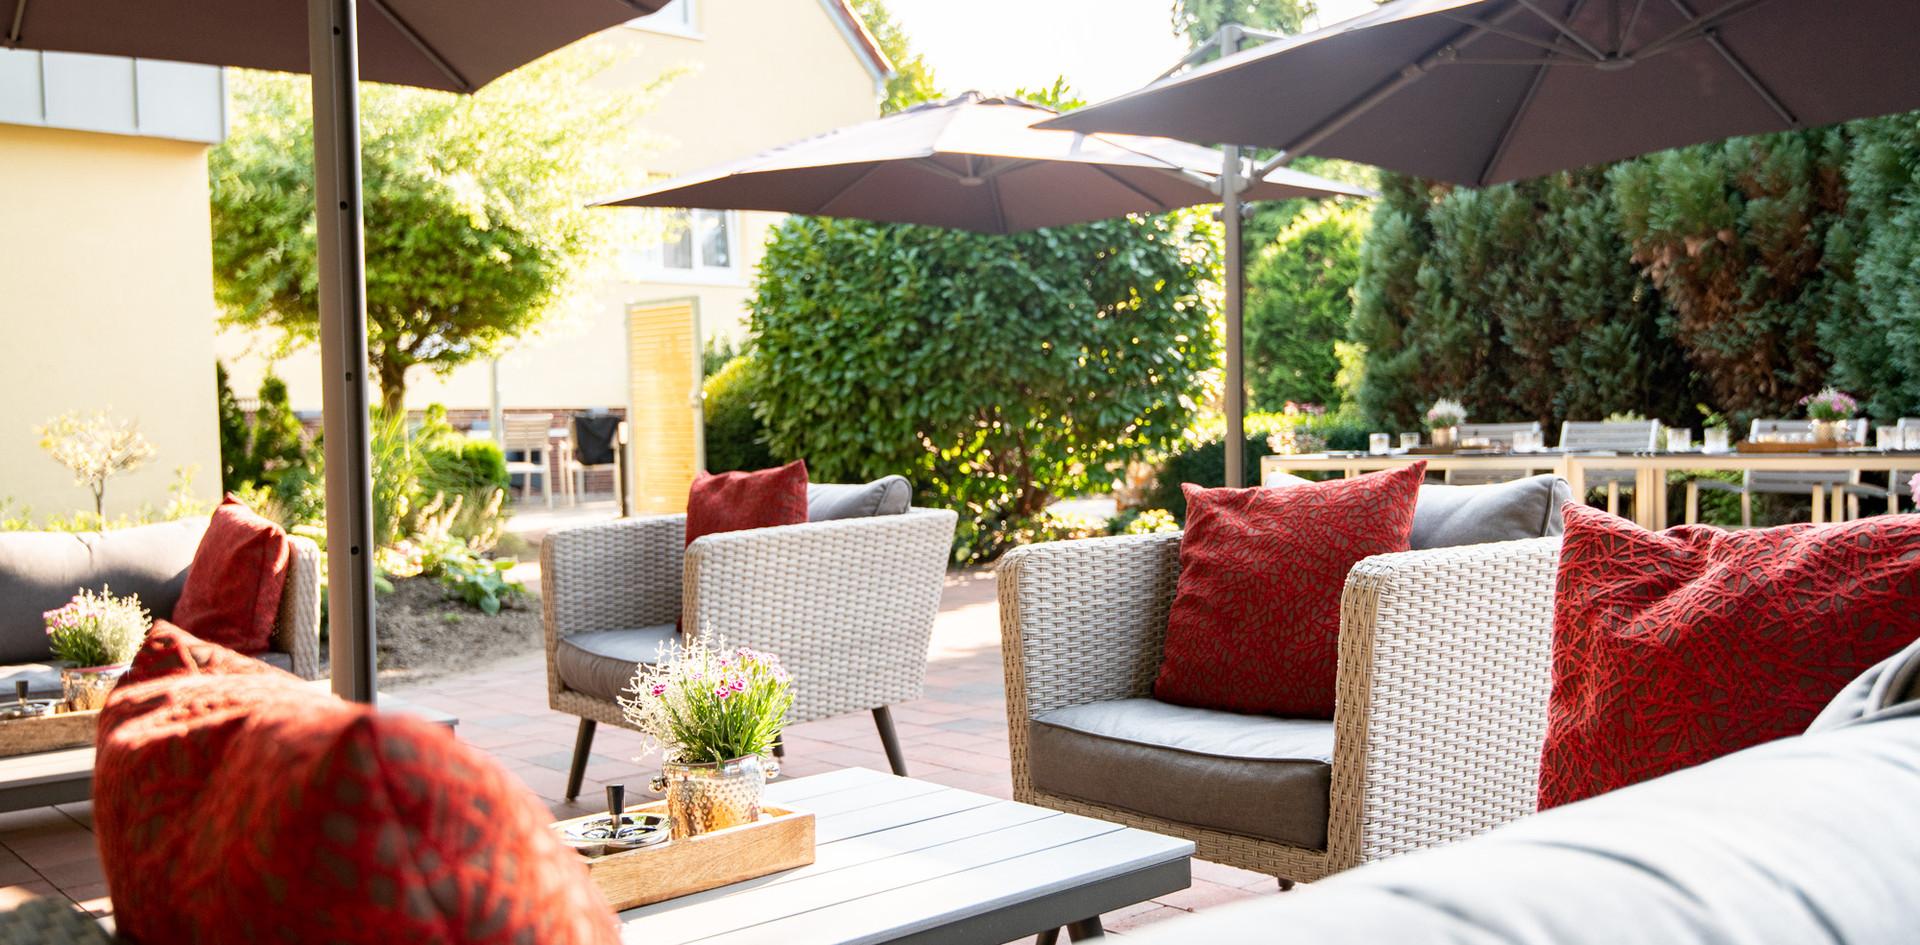 gemütliche Lounge Gartenterrasse Hotel Wegner - the culinary art hotel